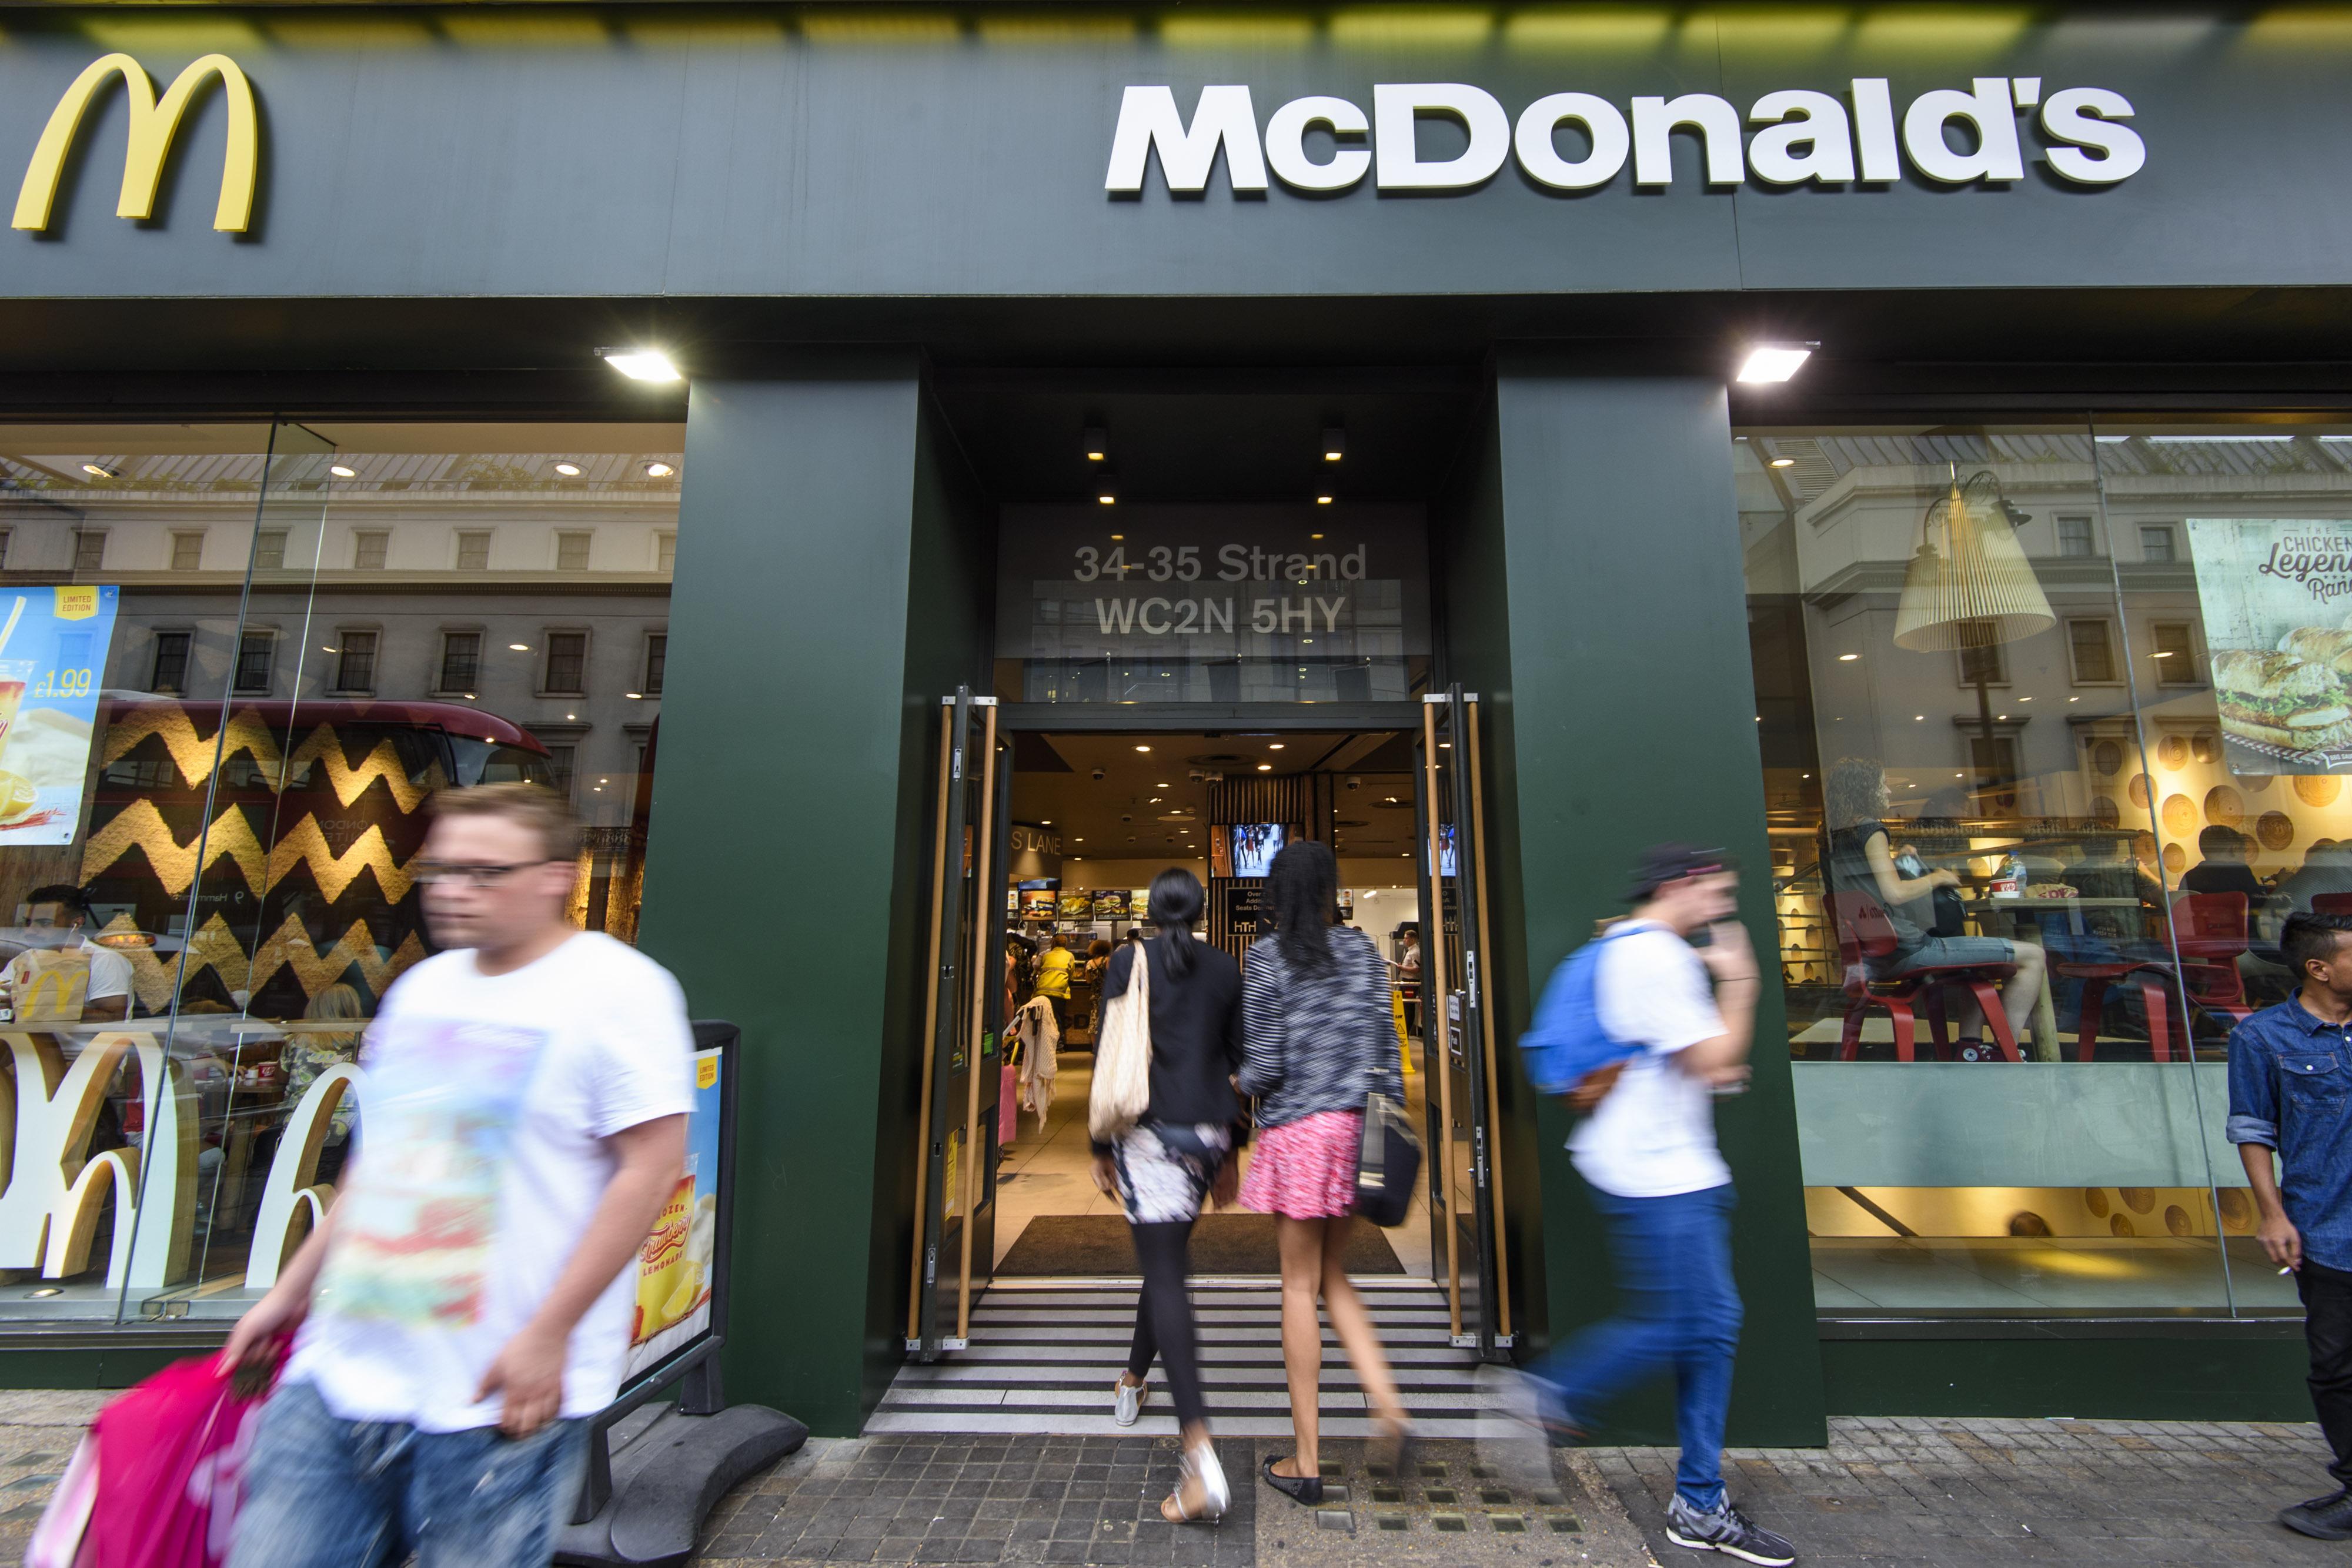 A McDonald's restaurant. Credit: PA